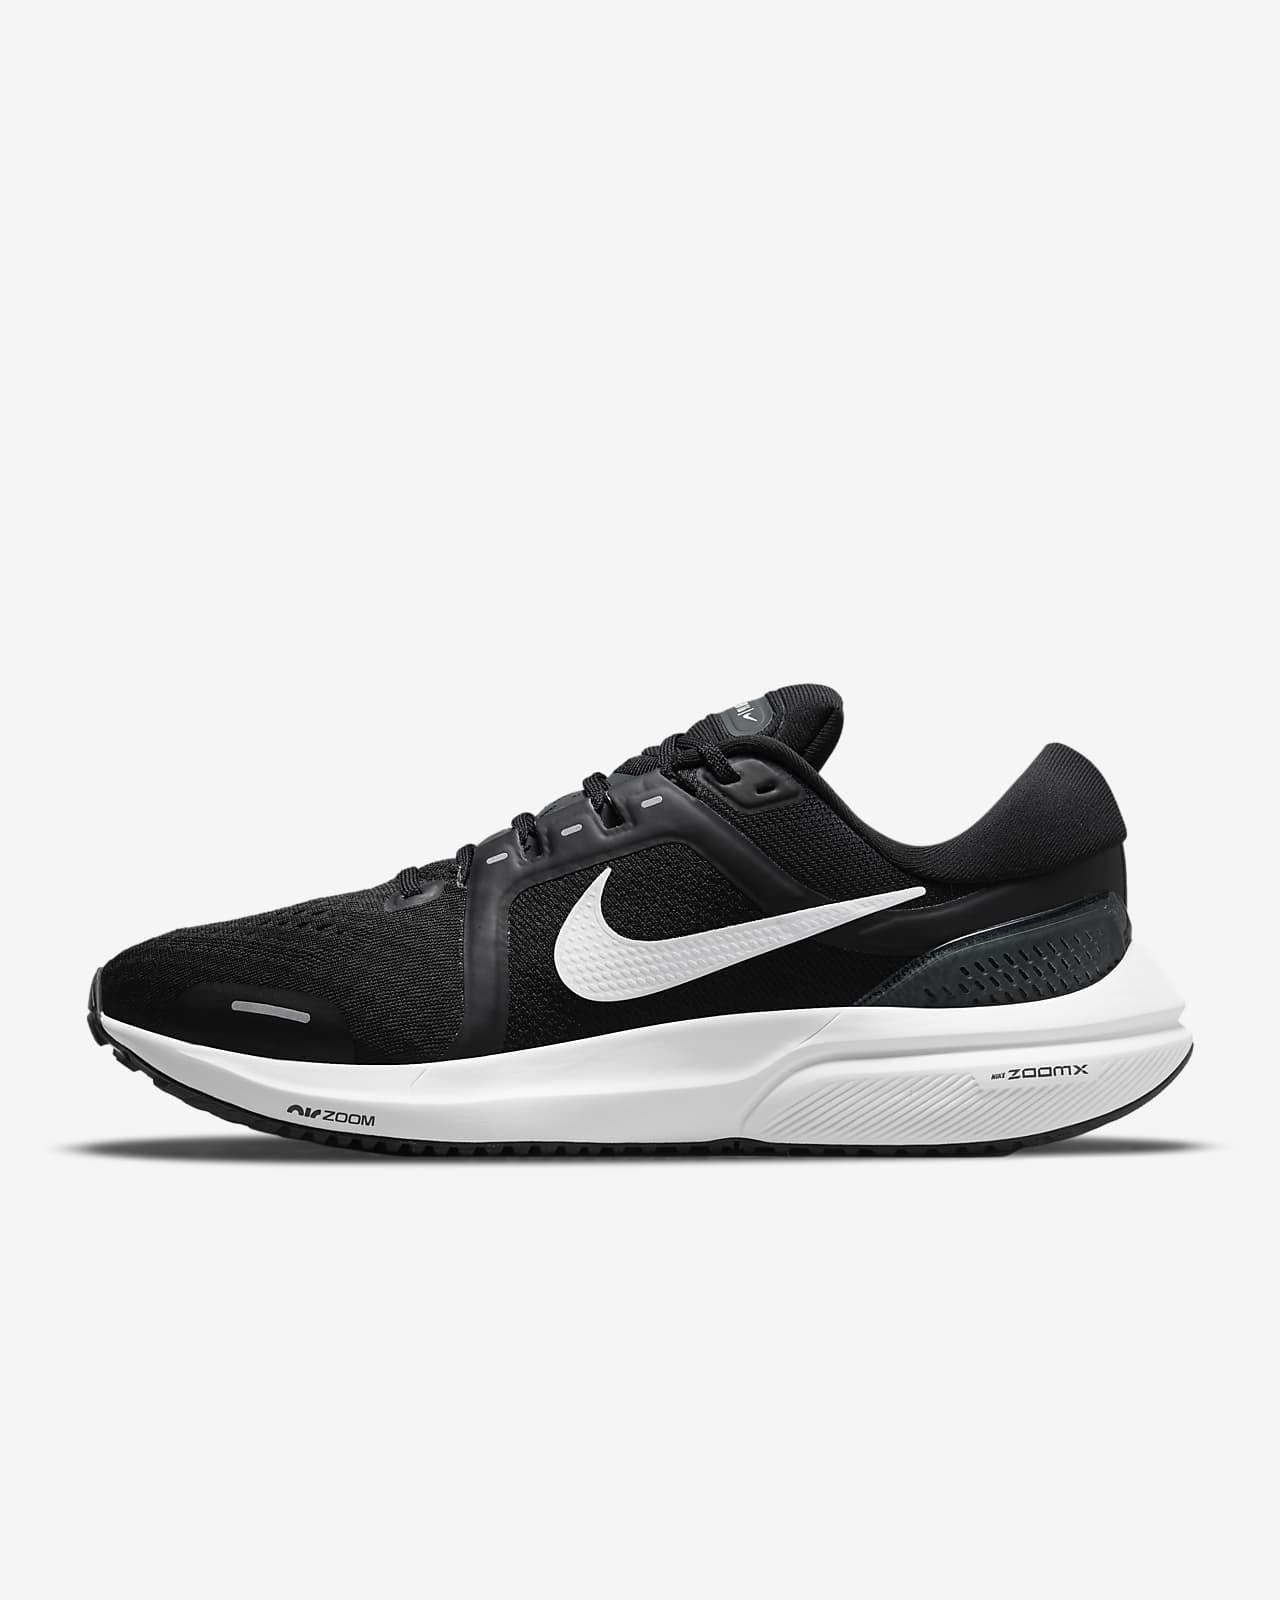 Nike Air Zoom Vomero 16-løbesko til vej til mænd